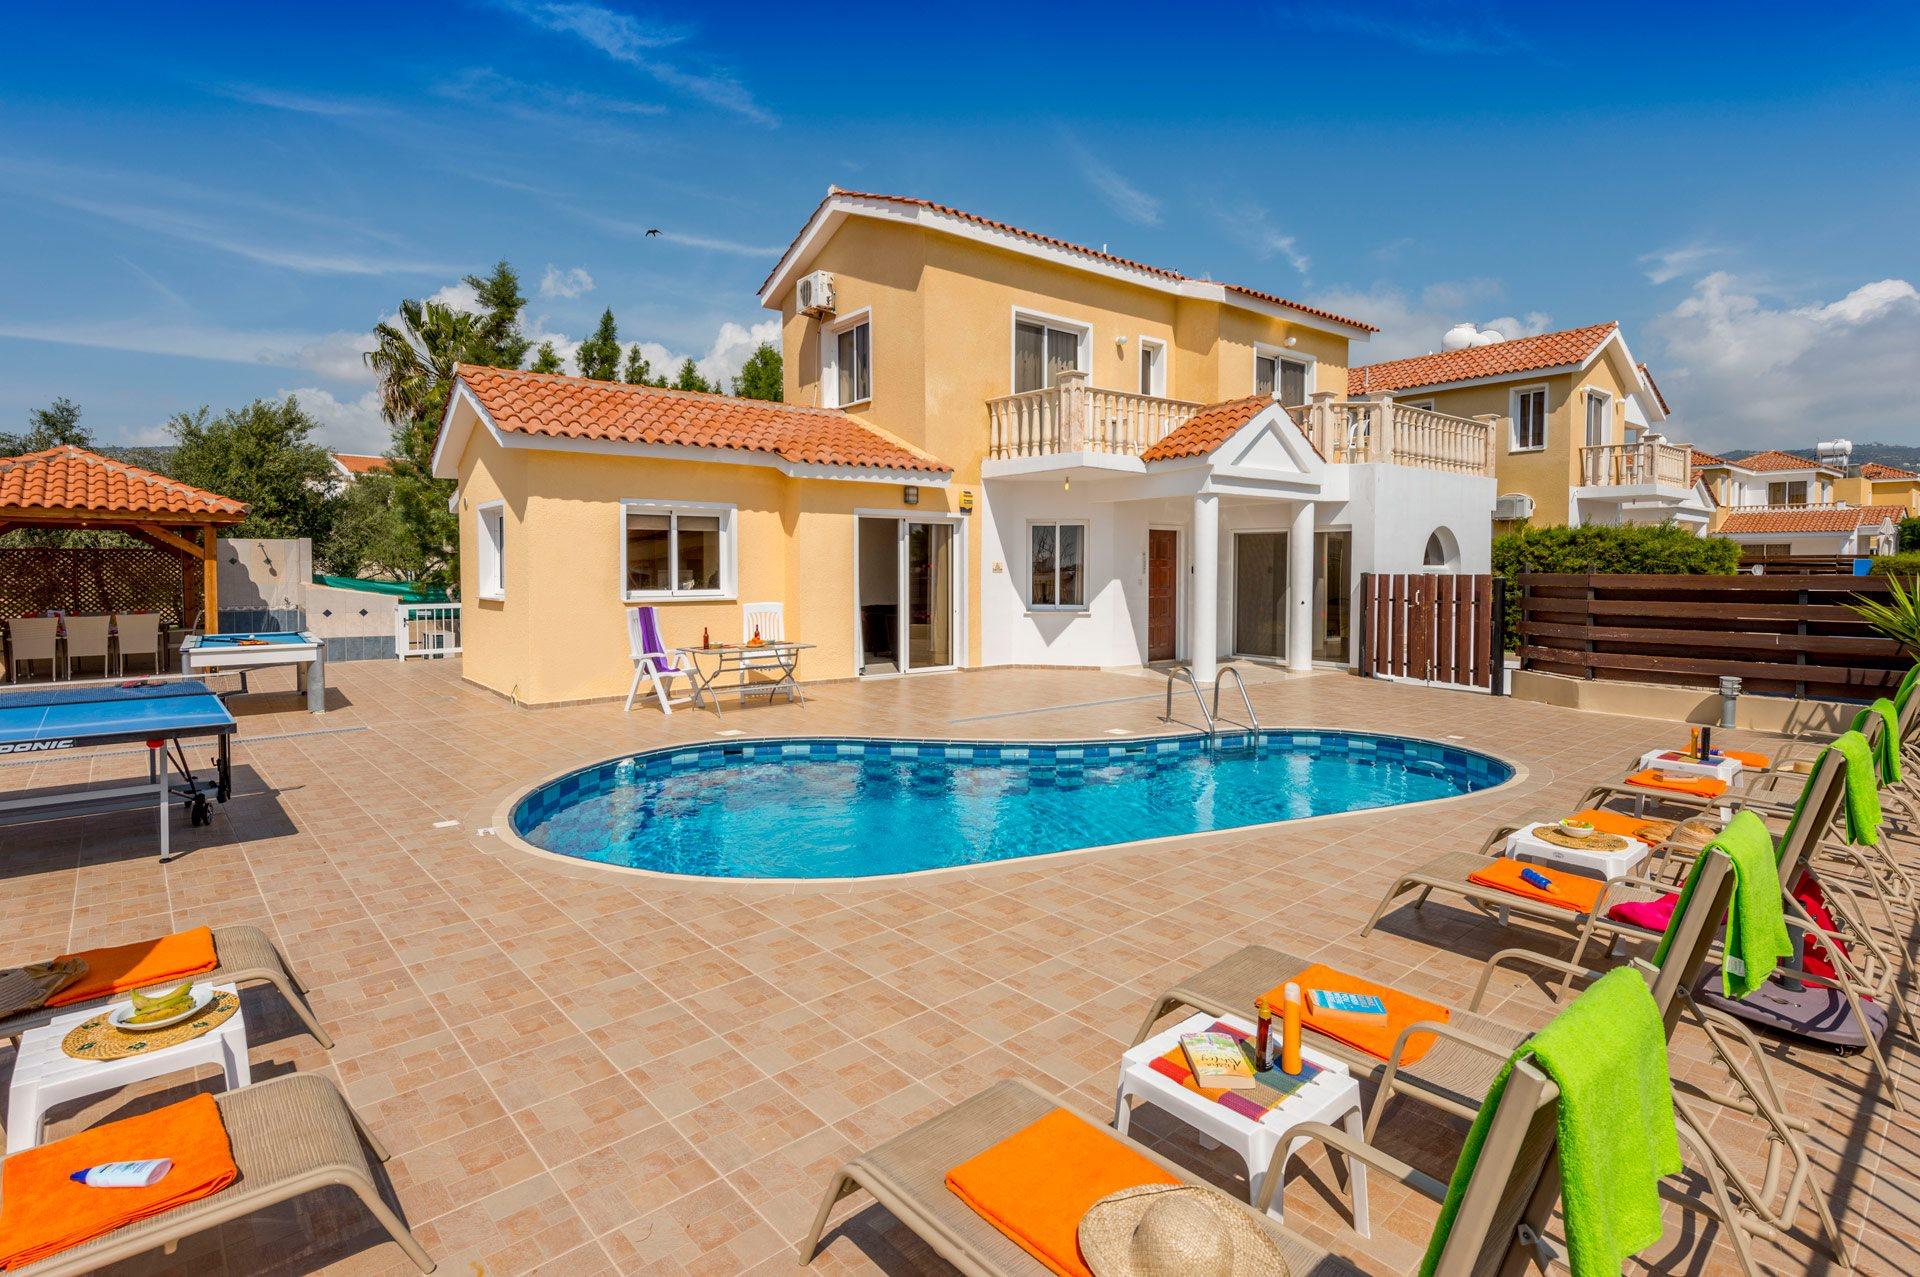 Villa Frida, Coral Bay, Cyprus